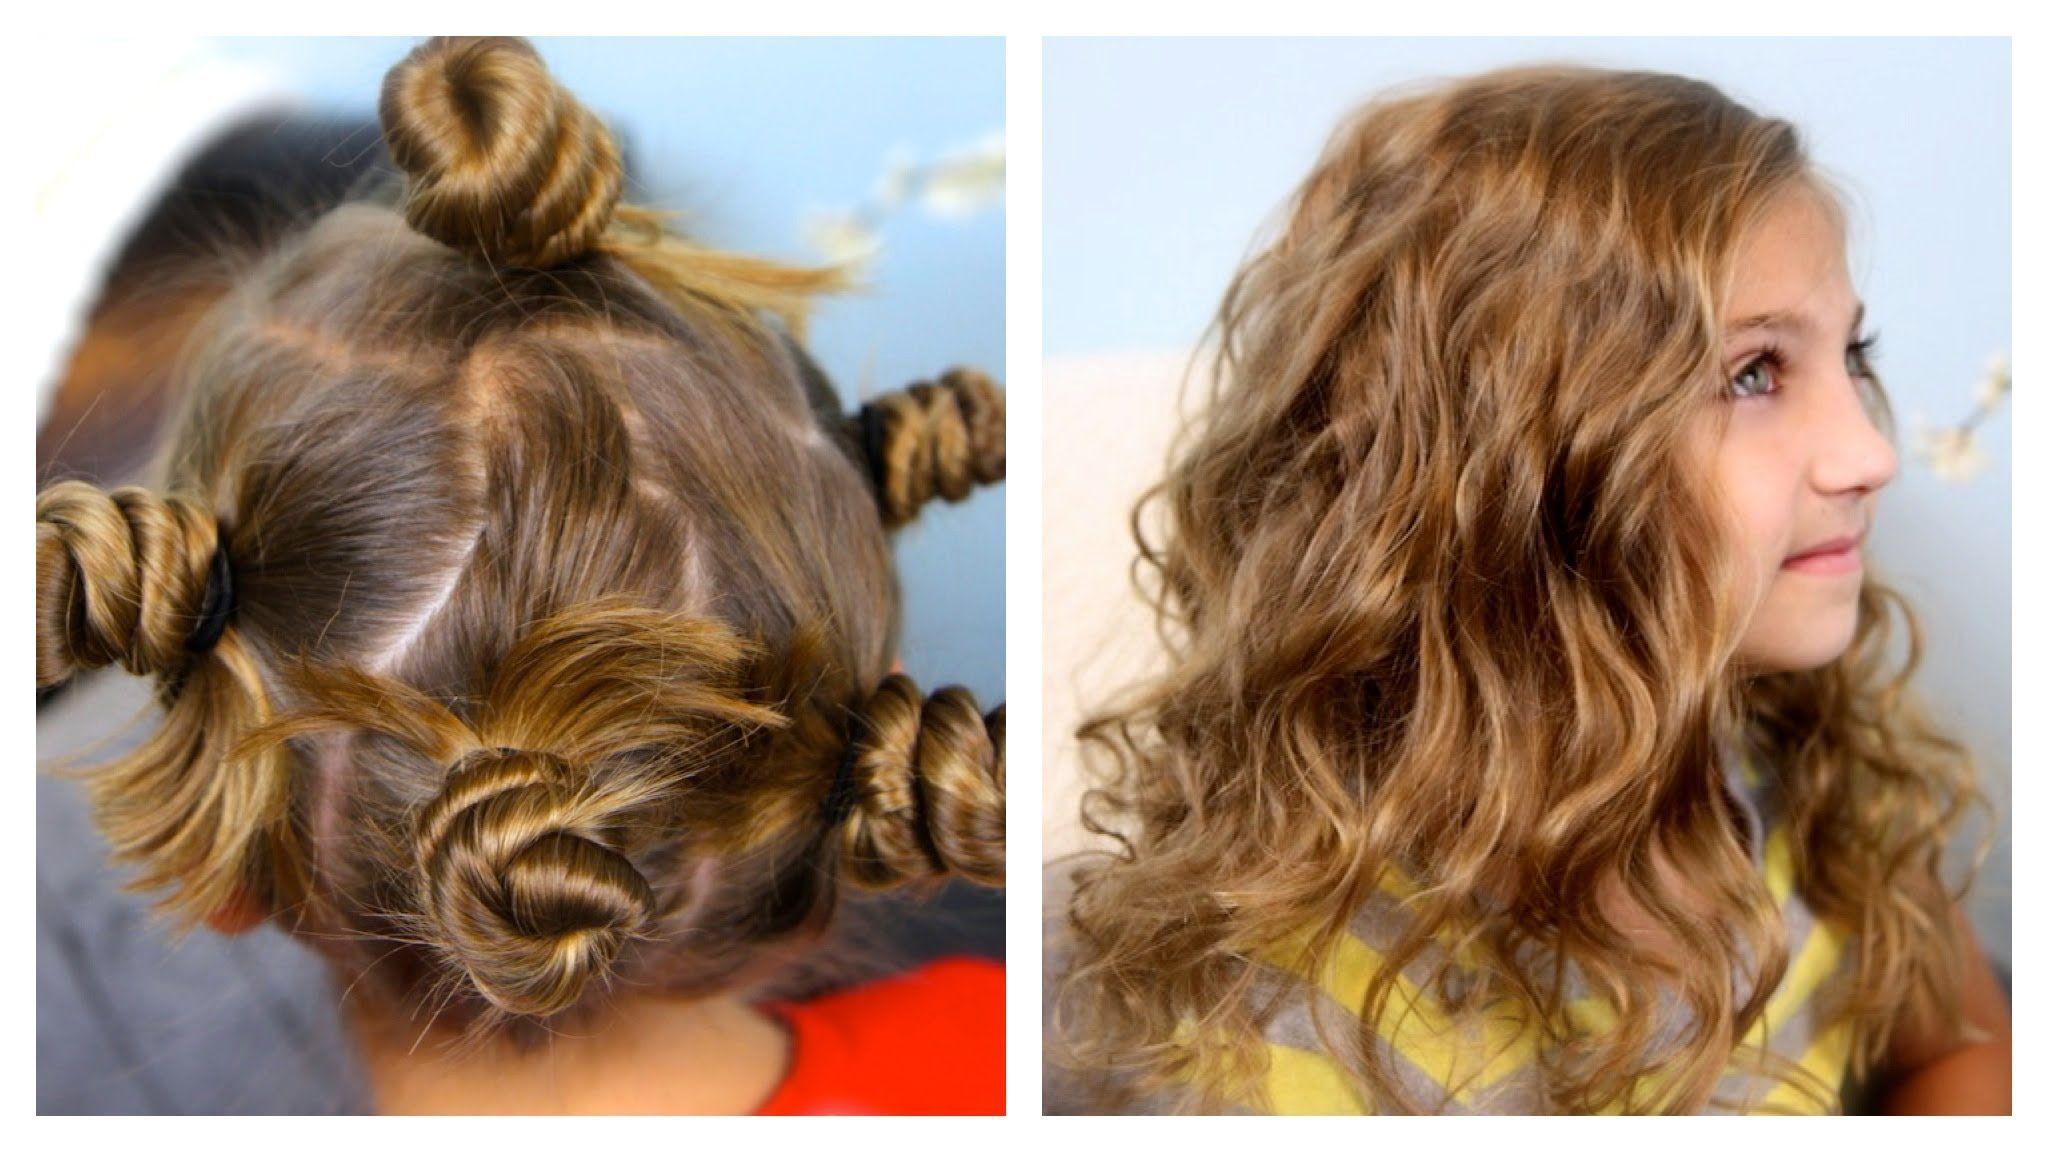 nice hairstyle - bantu knot curls | easy no-heat curls